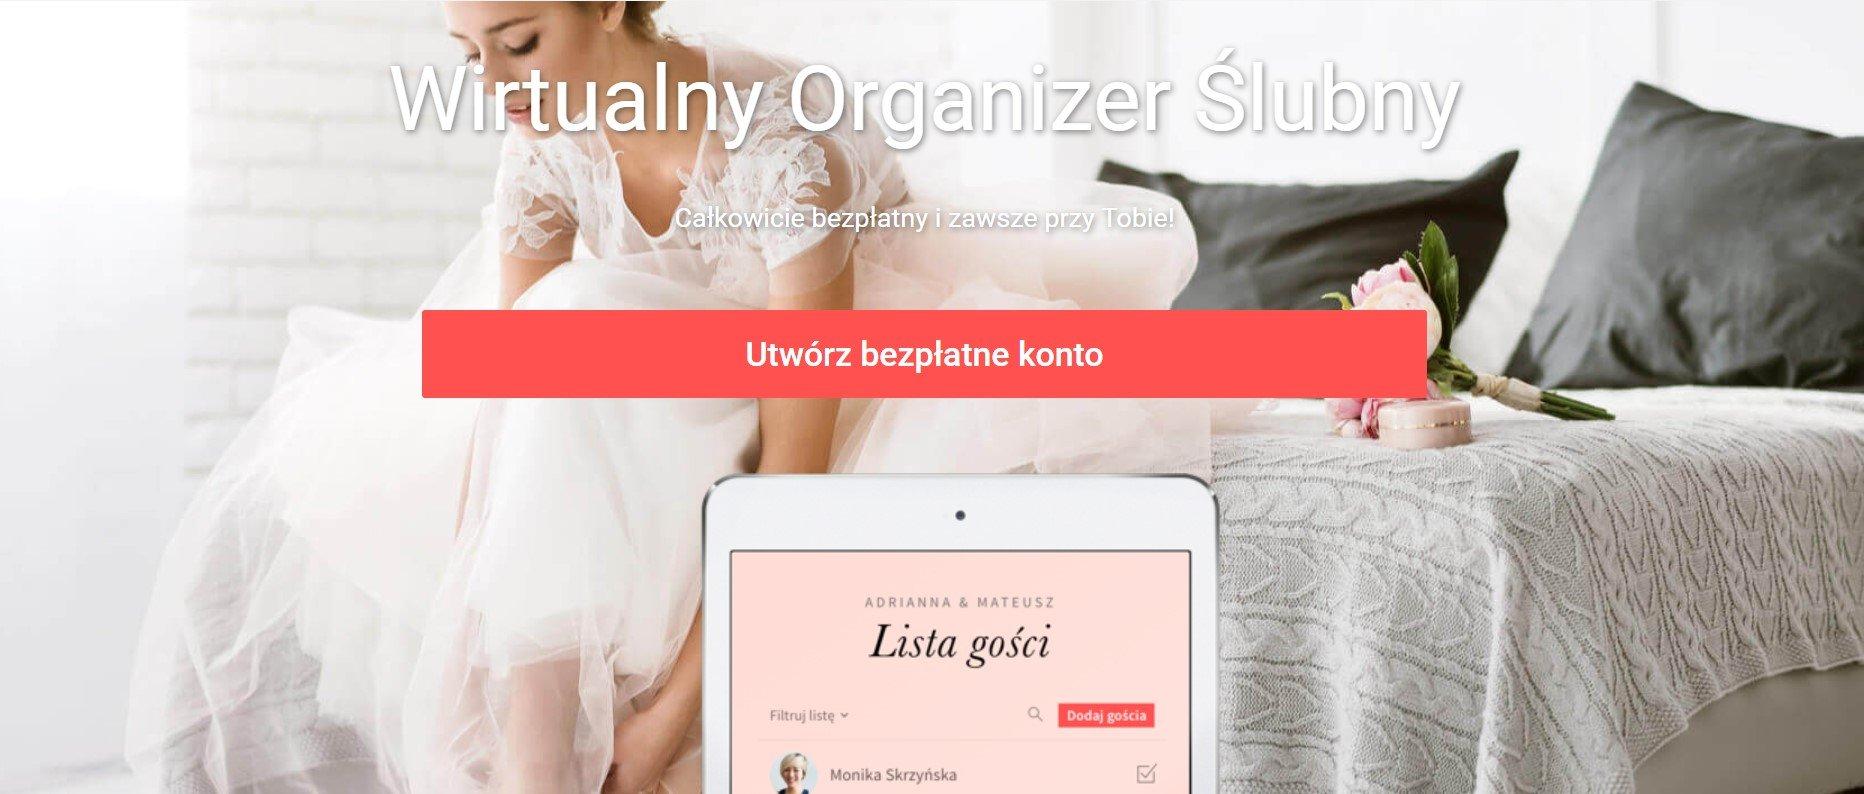 Organizer ślubny Wedding.pl - sposób na błędy w organizacji ślubu i wesela